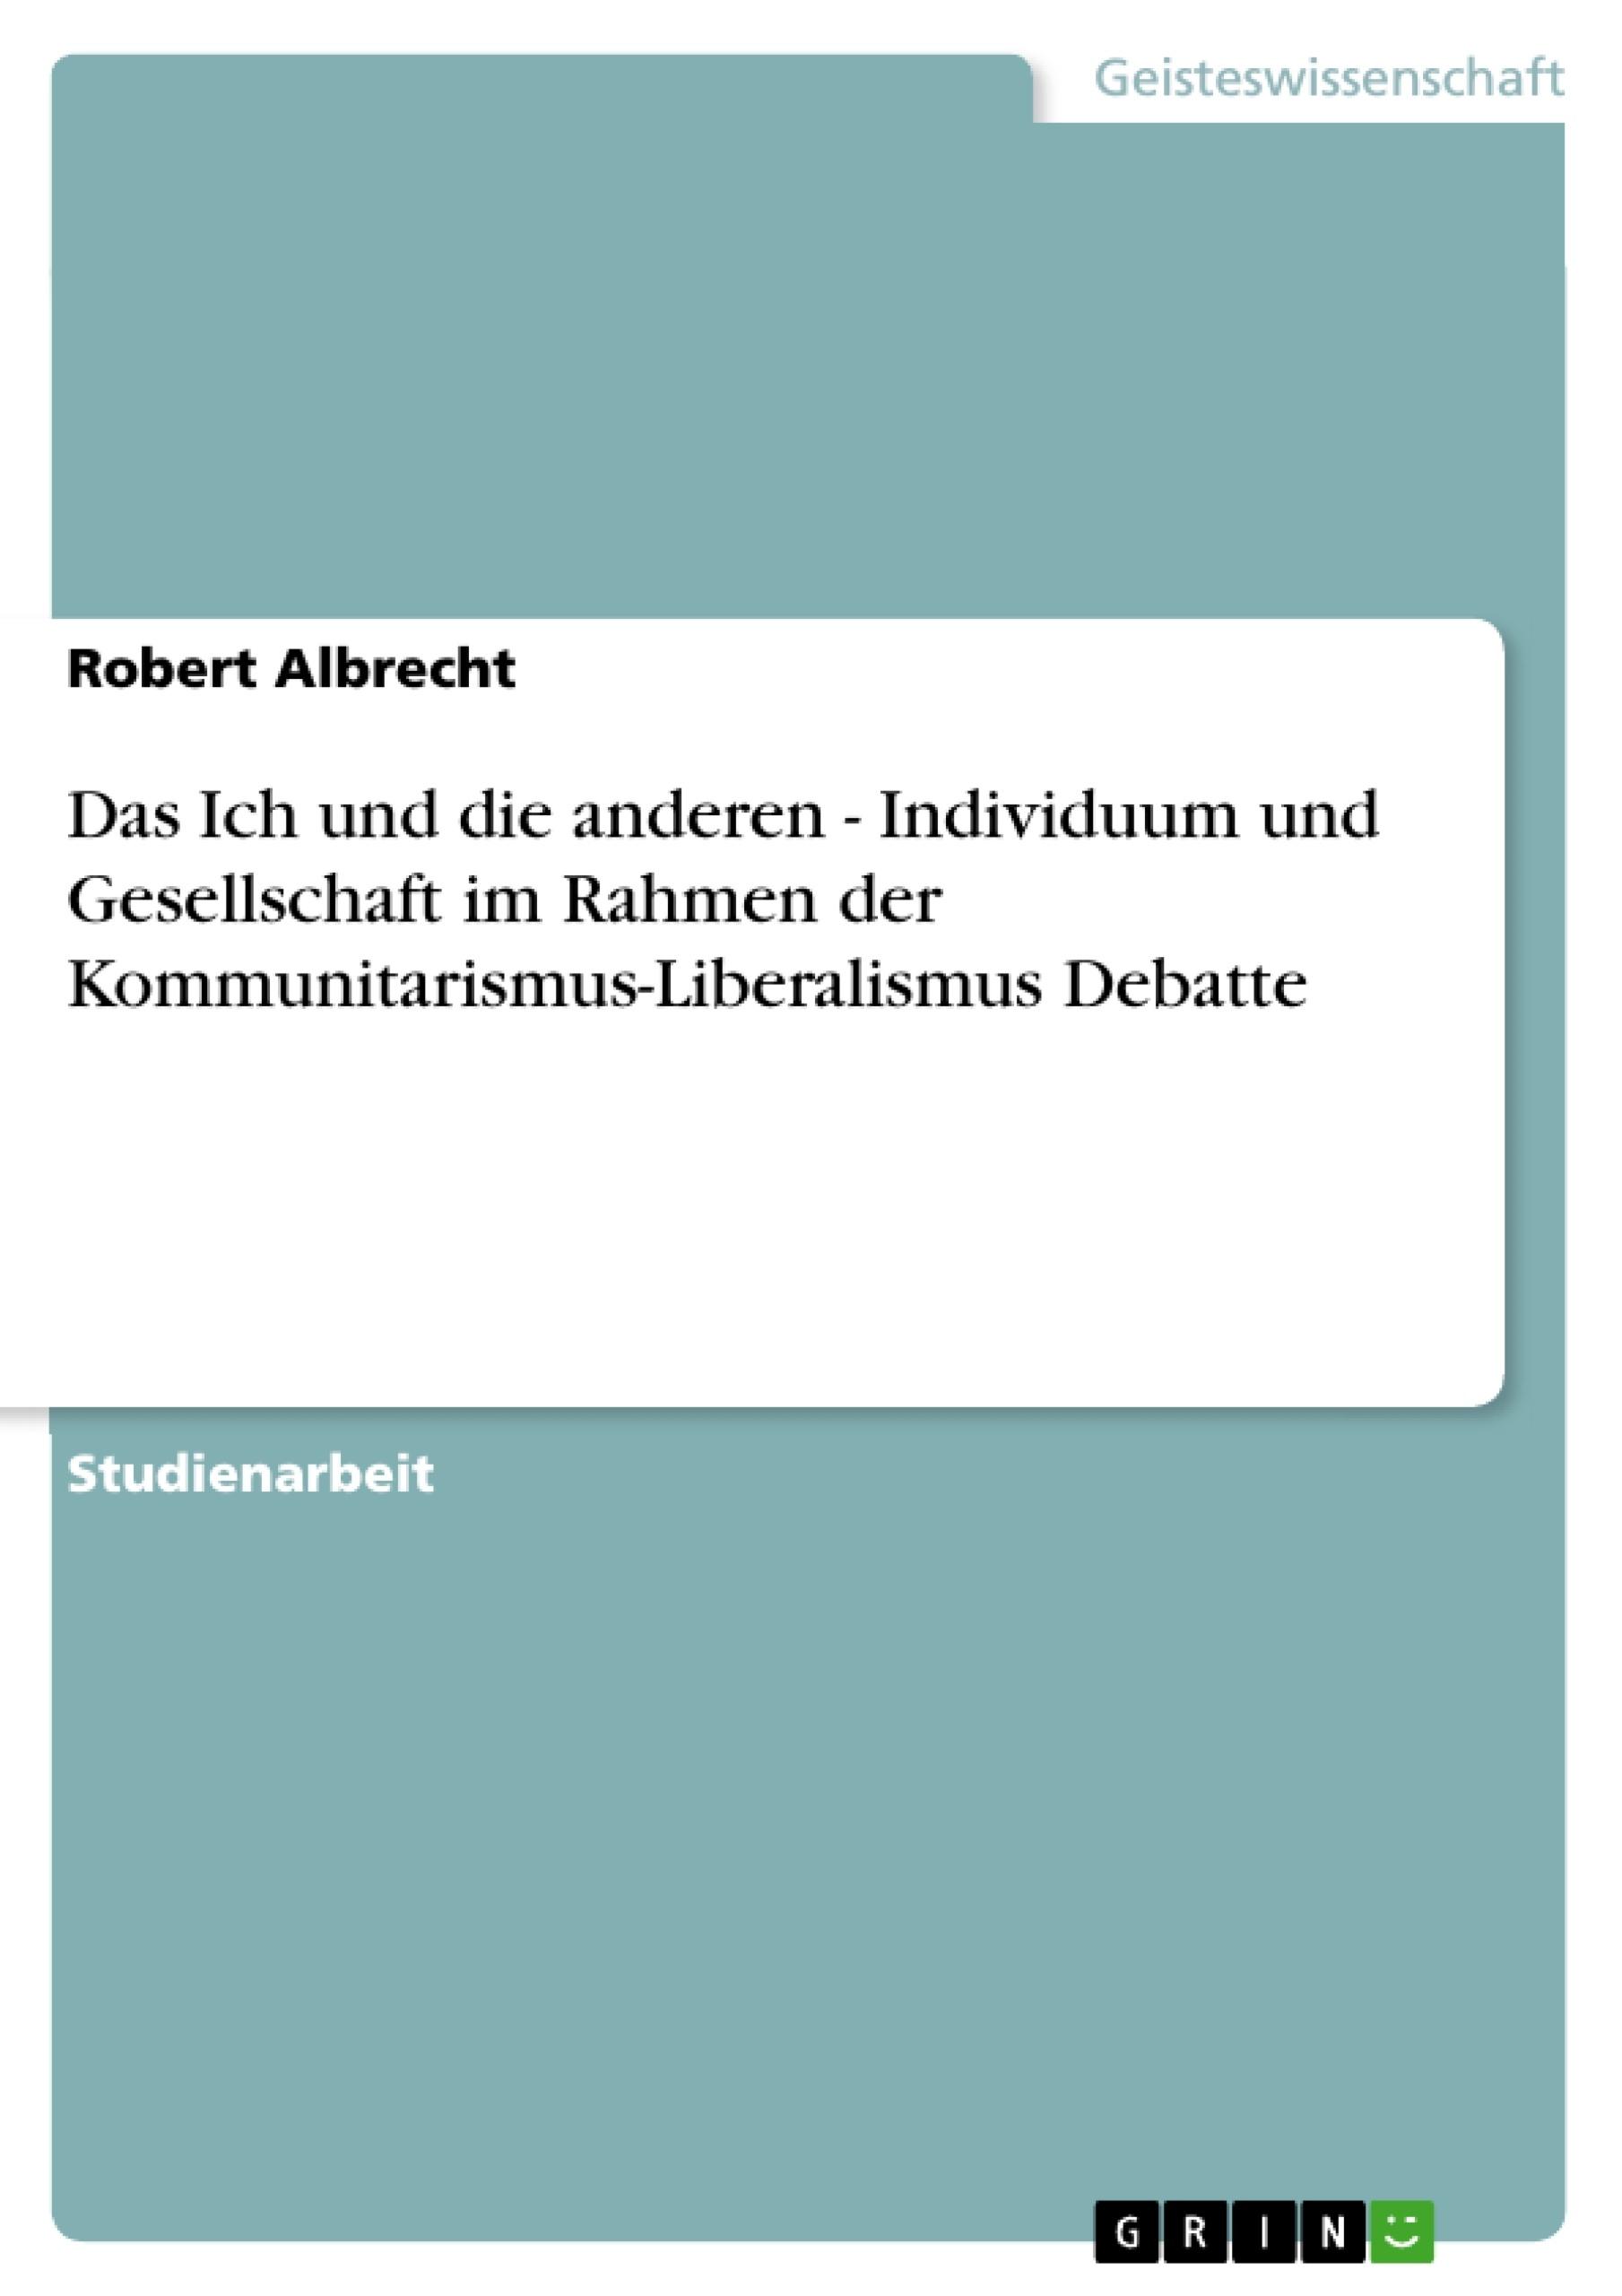 Titel: Das Ich und die anderen - Individuum und Gesellschaft im Rahmen der  Kommunitarismus-Liberalismus Debatte